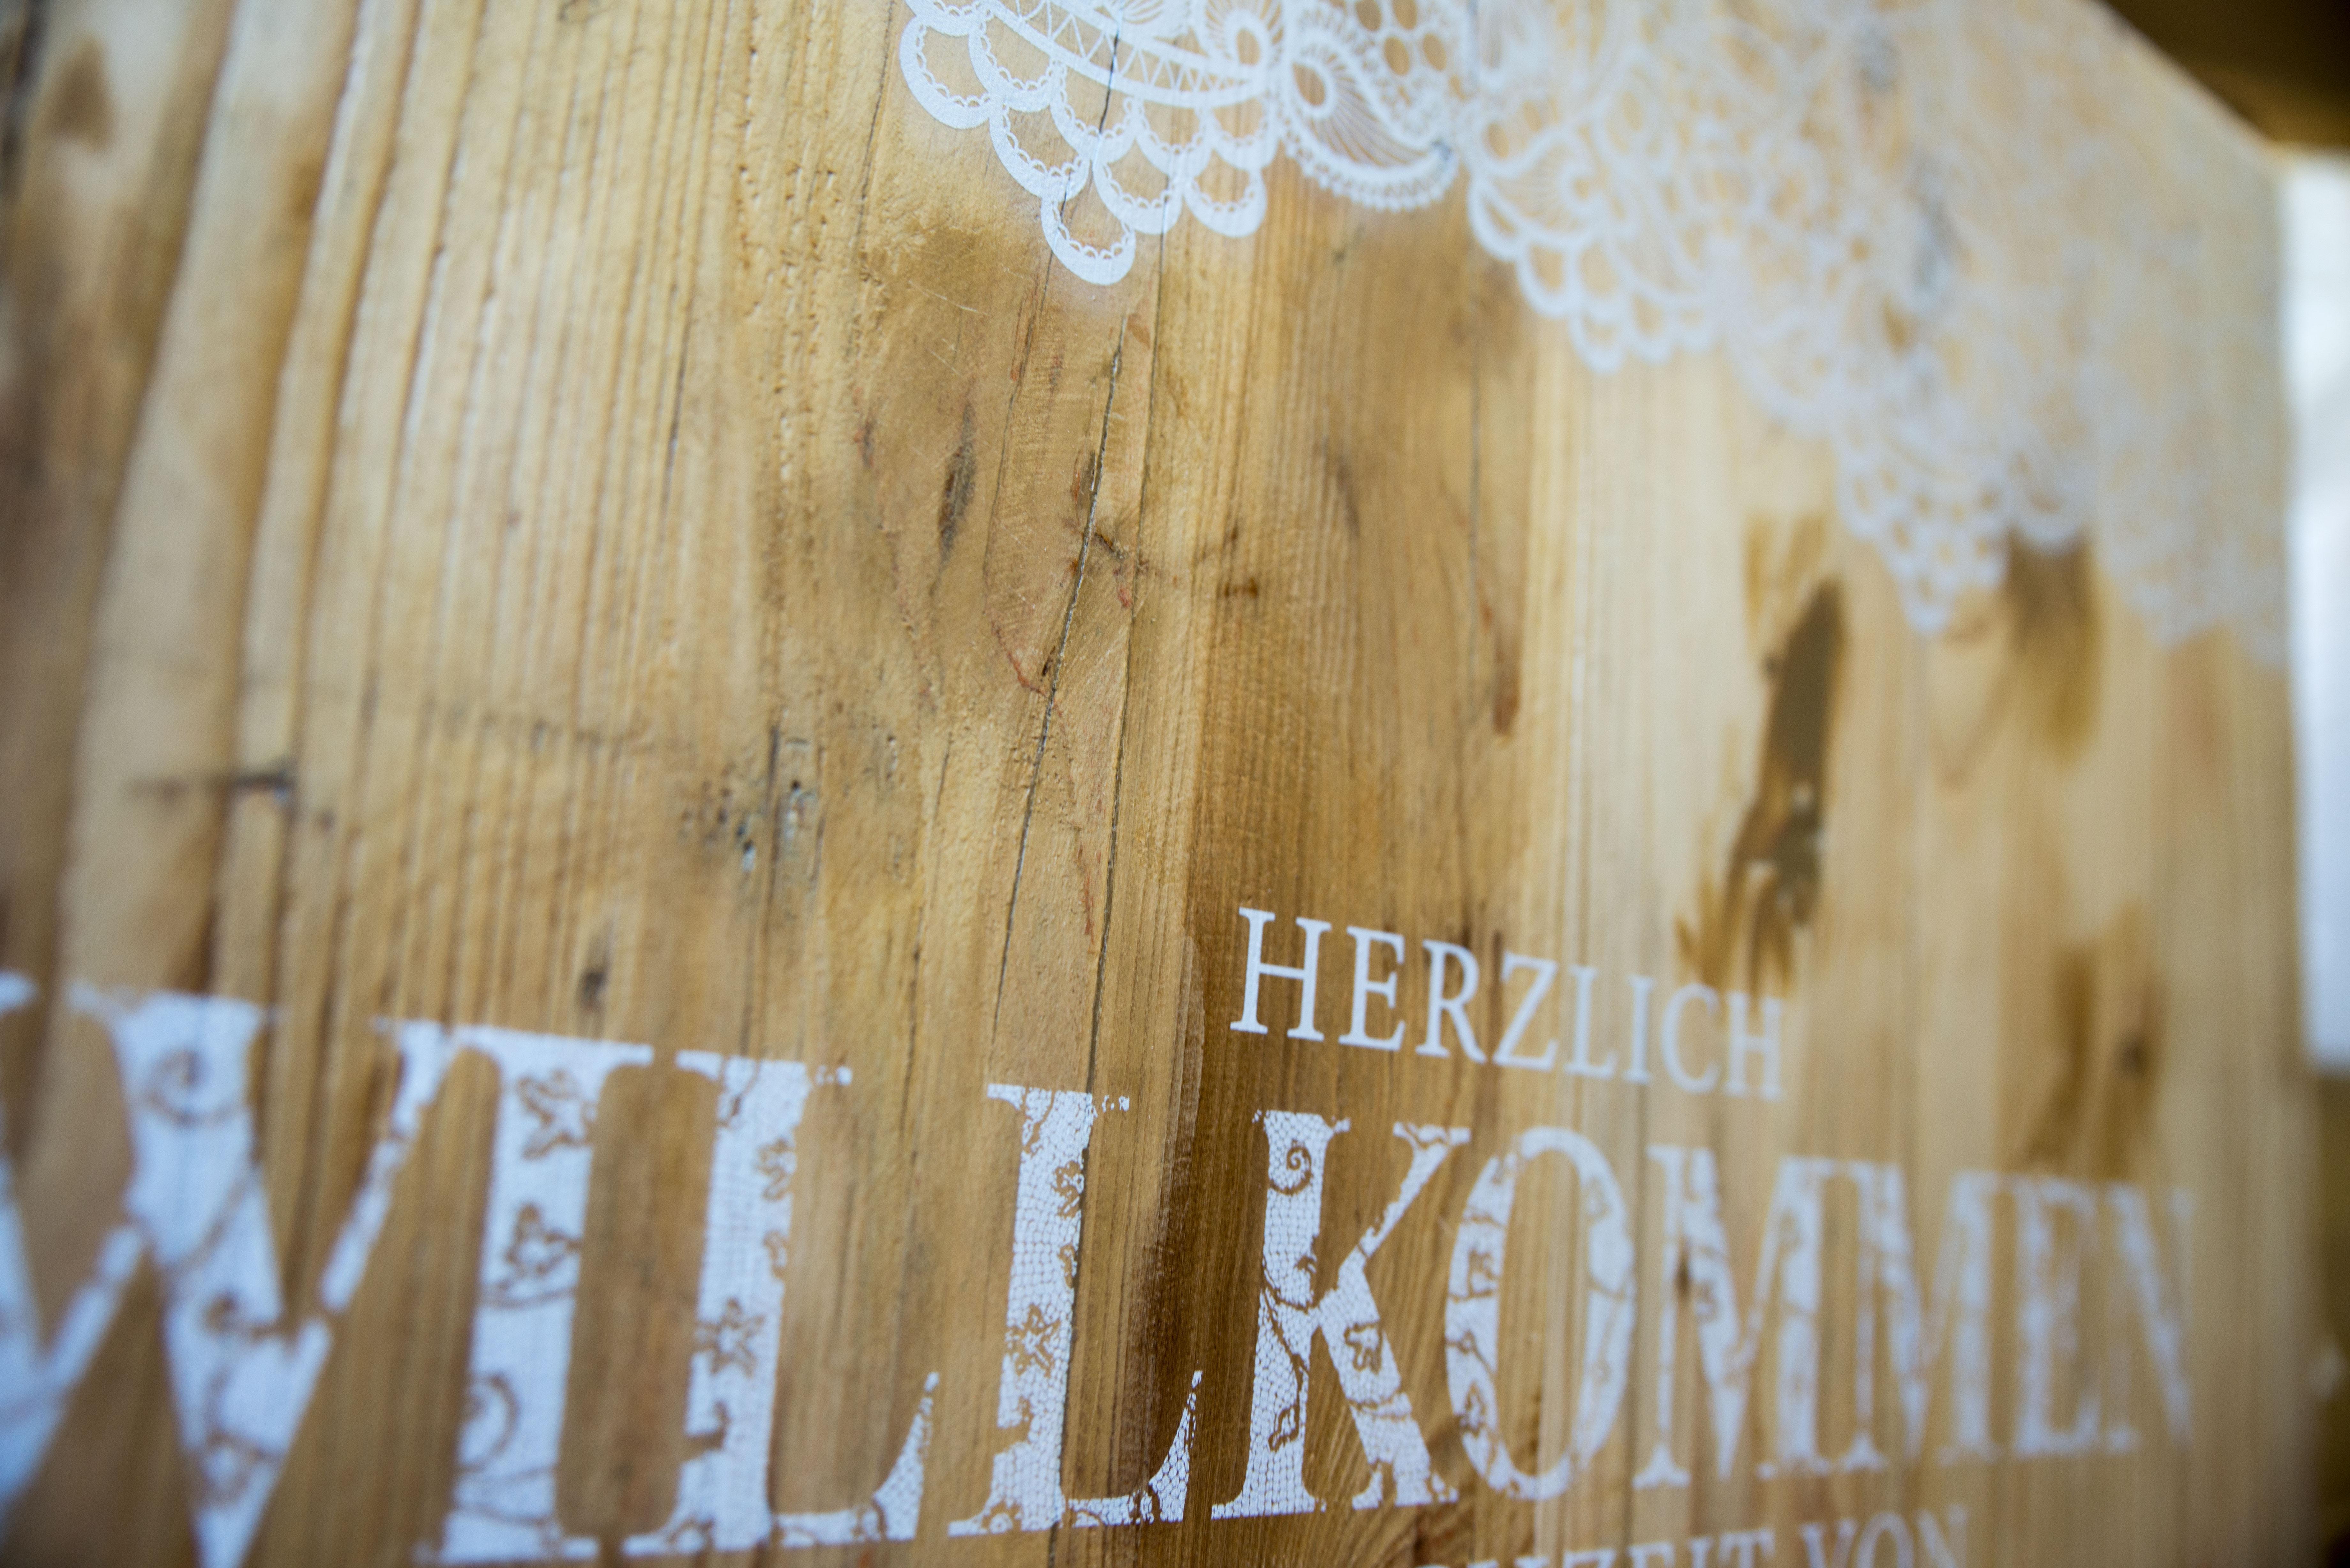 Ein Schild für eine Hochzeit in Weiß direkt auf das Holz gedruckt.